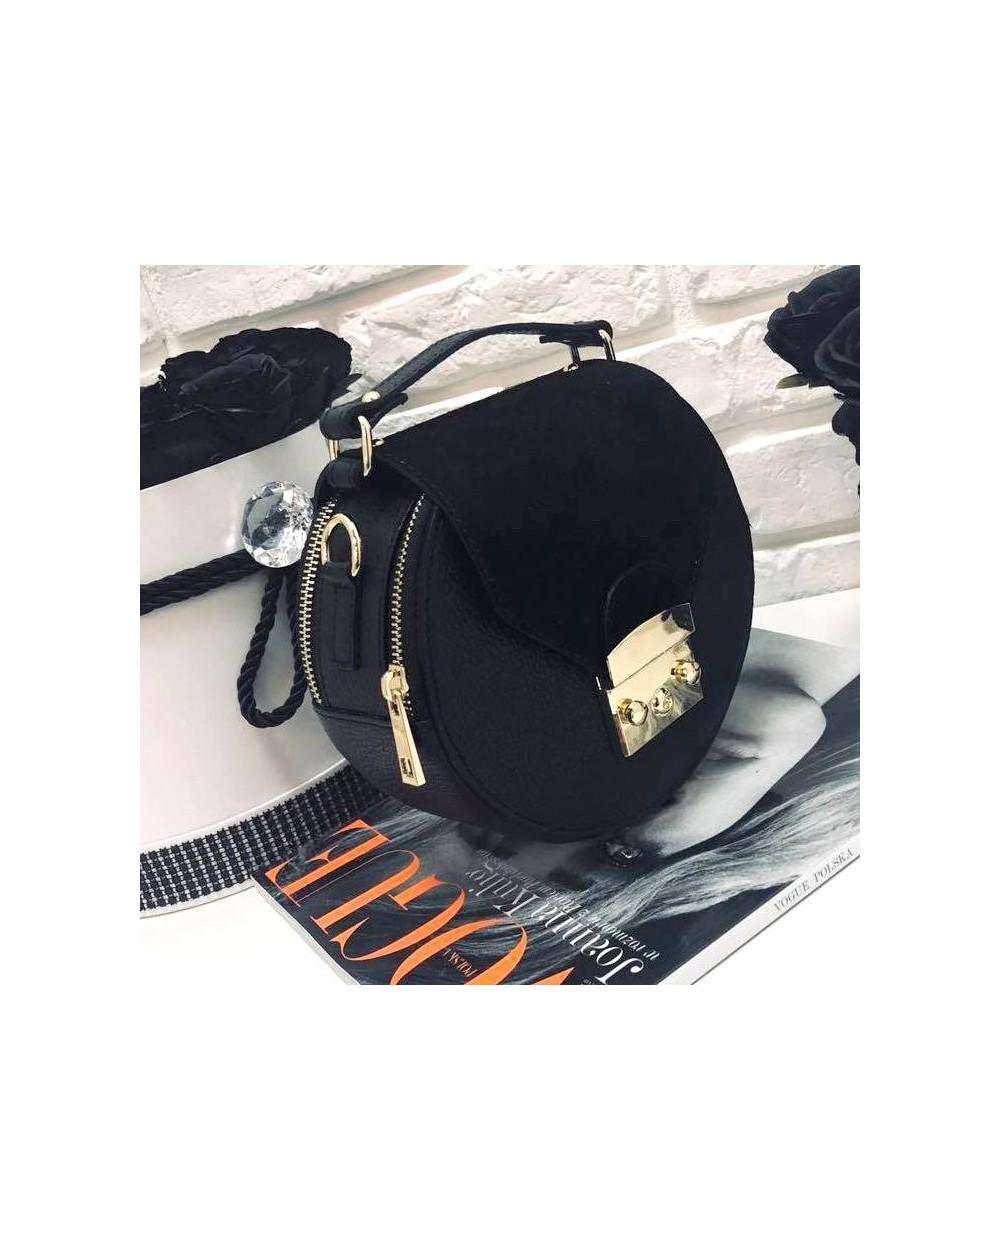 cae8a55755624 Okrągła torebka a'la Furla z zamszem czarna - Sklep internetowy ...